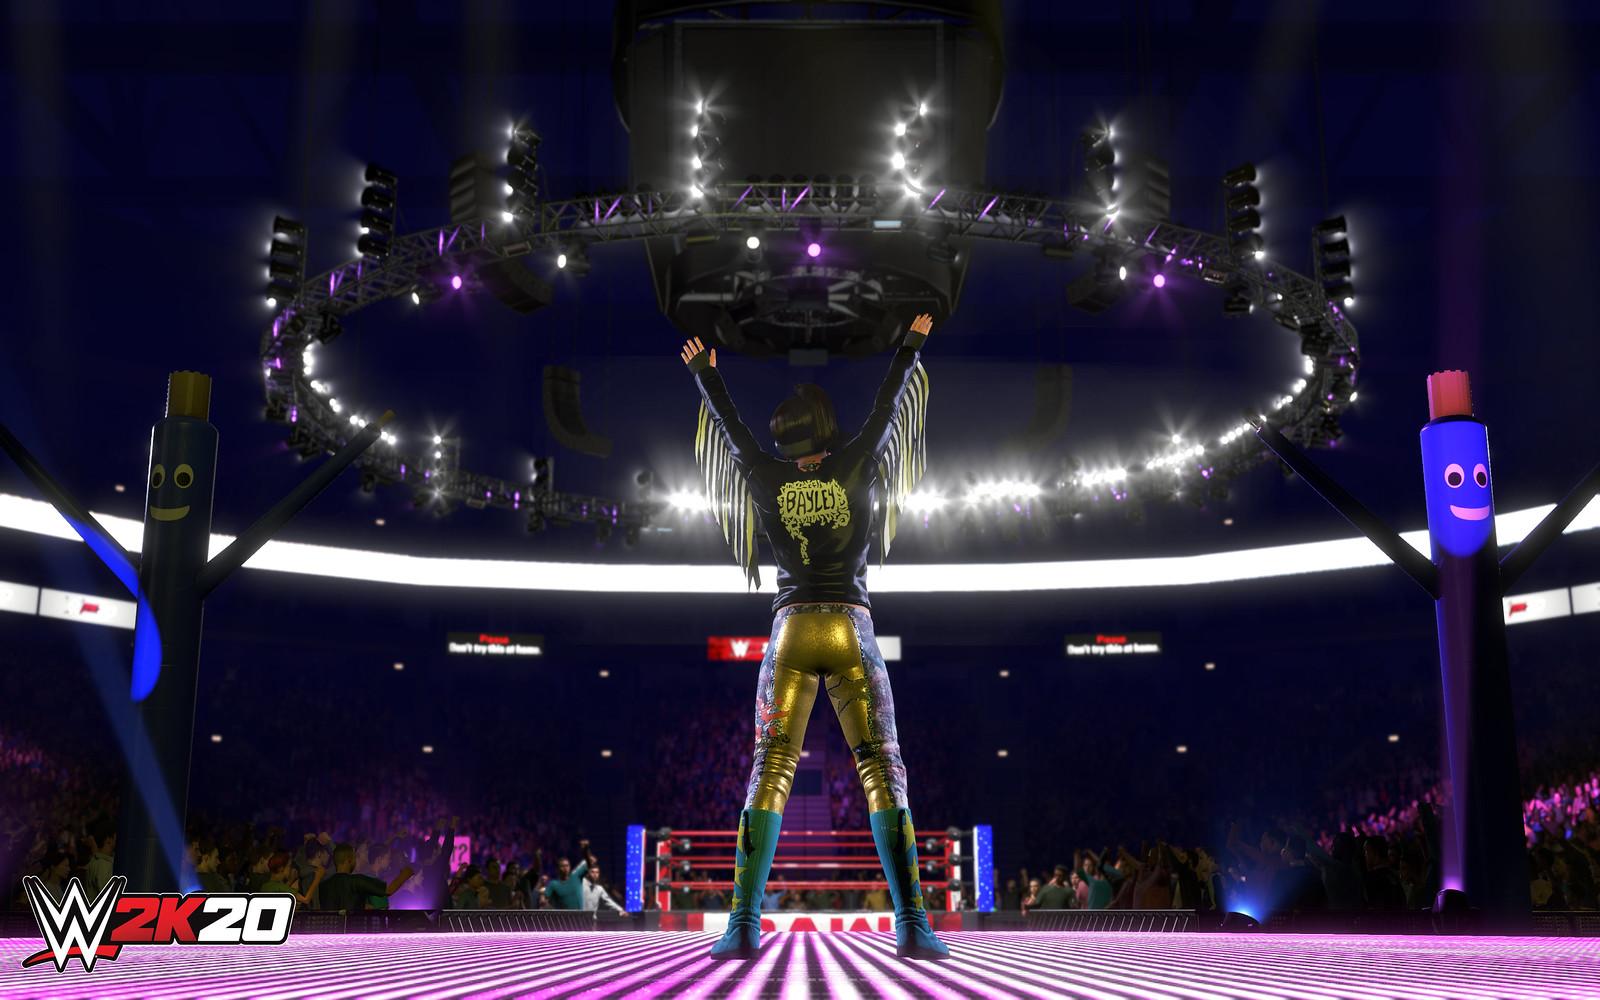 48442282236 c77c4d1d3a h - Bei WWE 2K20 dreht sich alles um Premieren, erscheint am 22. Oktober auf PS4